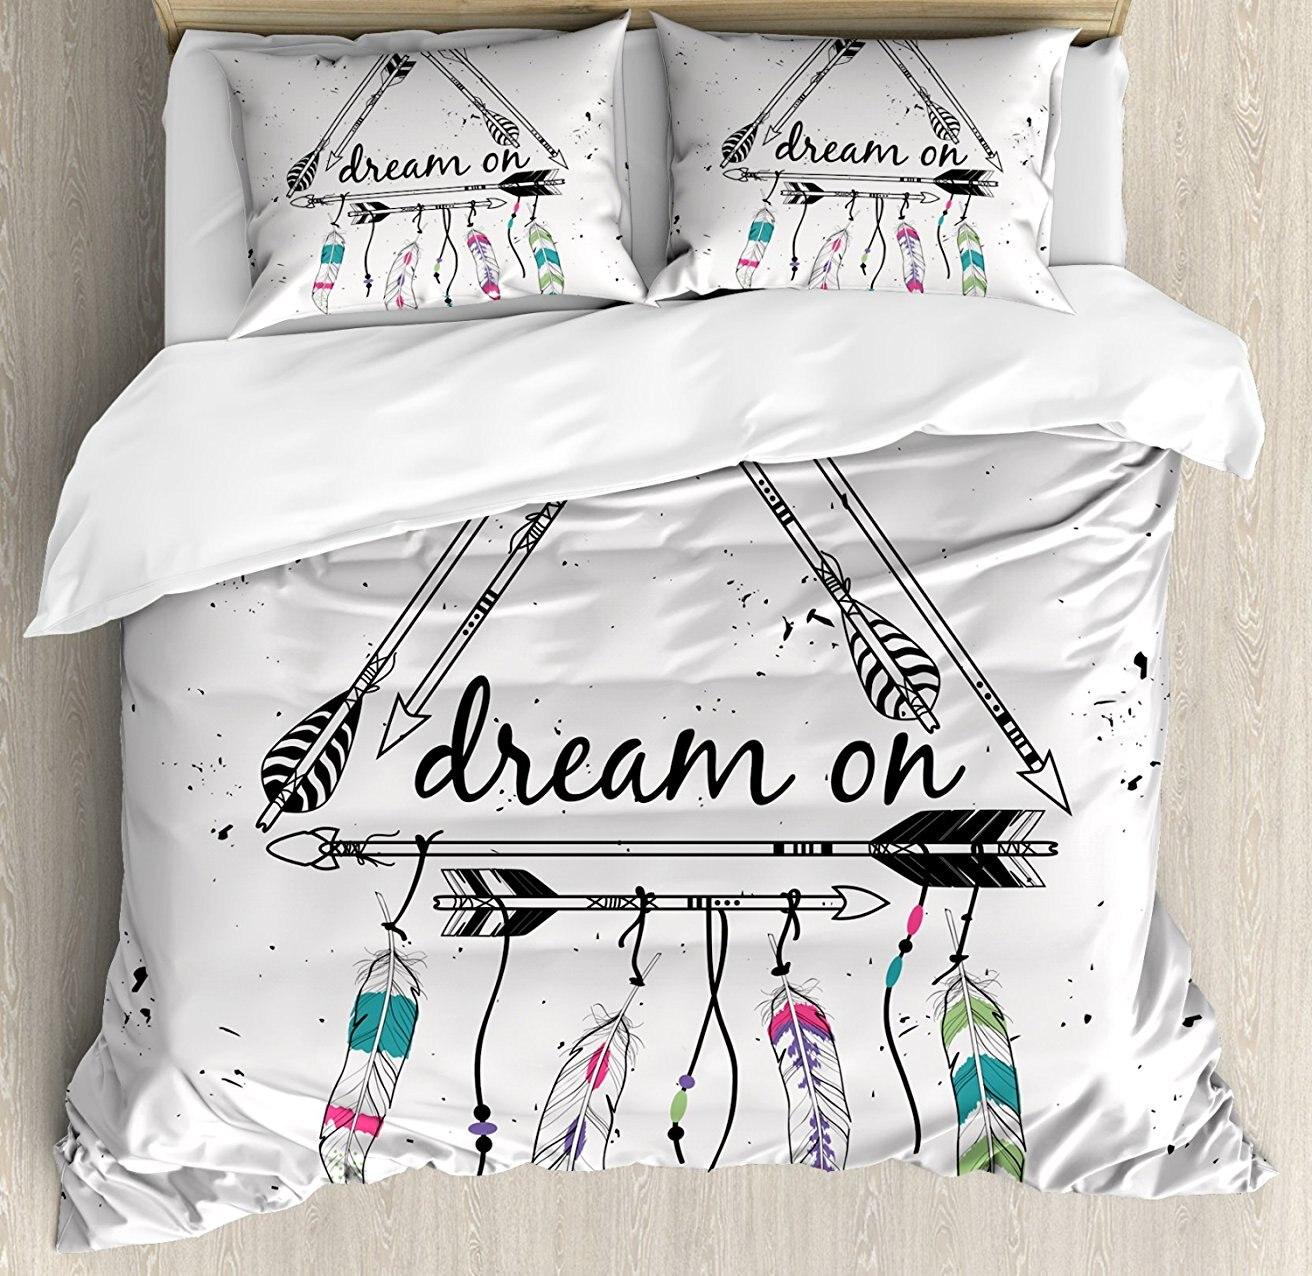 Инди набор пододеяльников в стиле бохо этнический стрелы треугольные формы сон на ручном написании перьев 4 шт комплект постельного белья